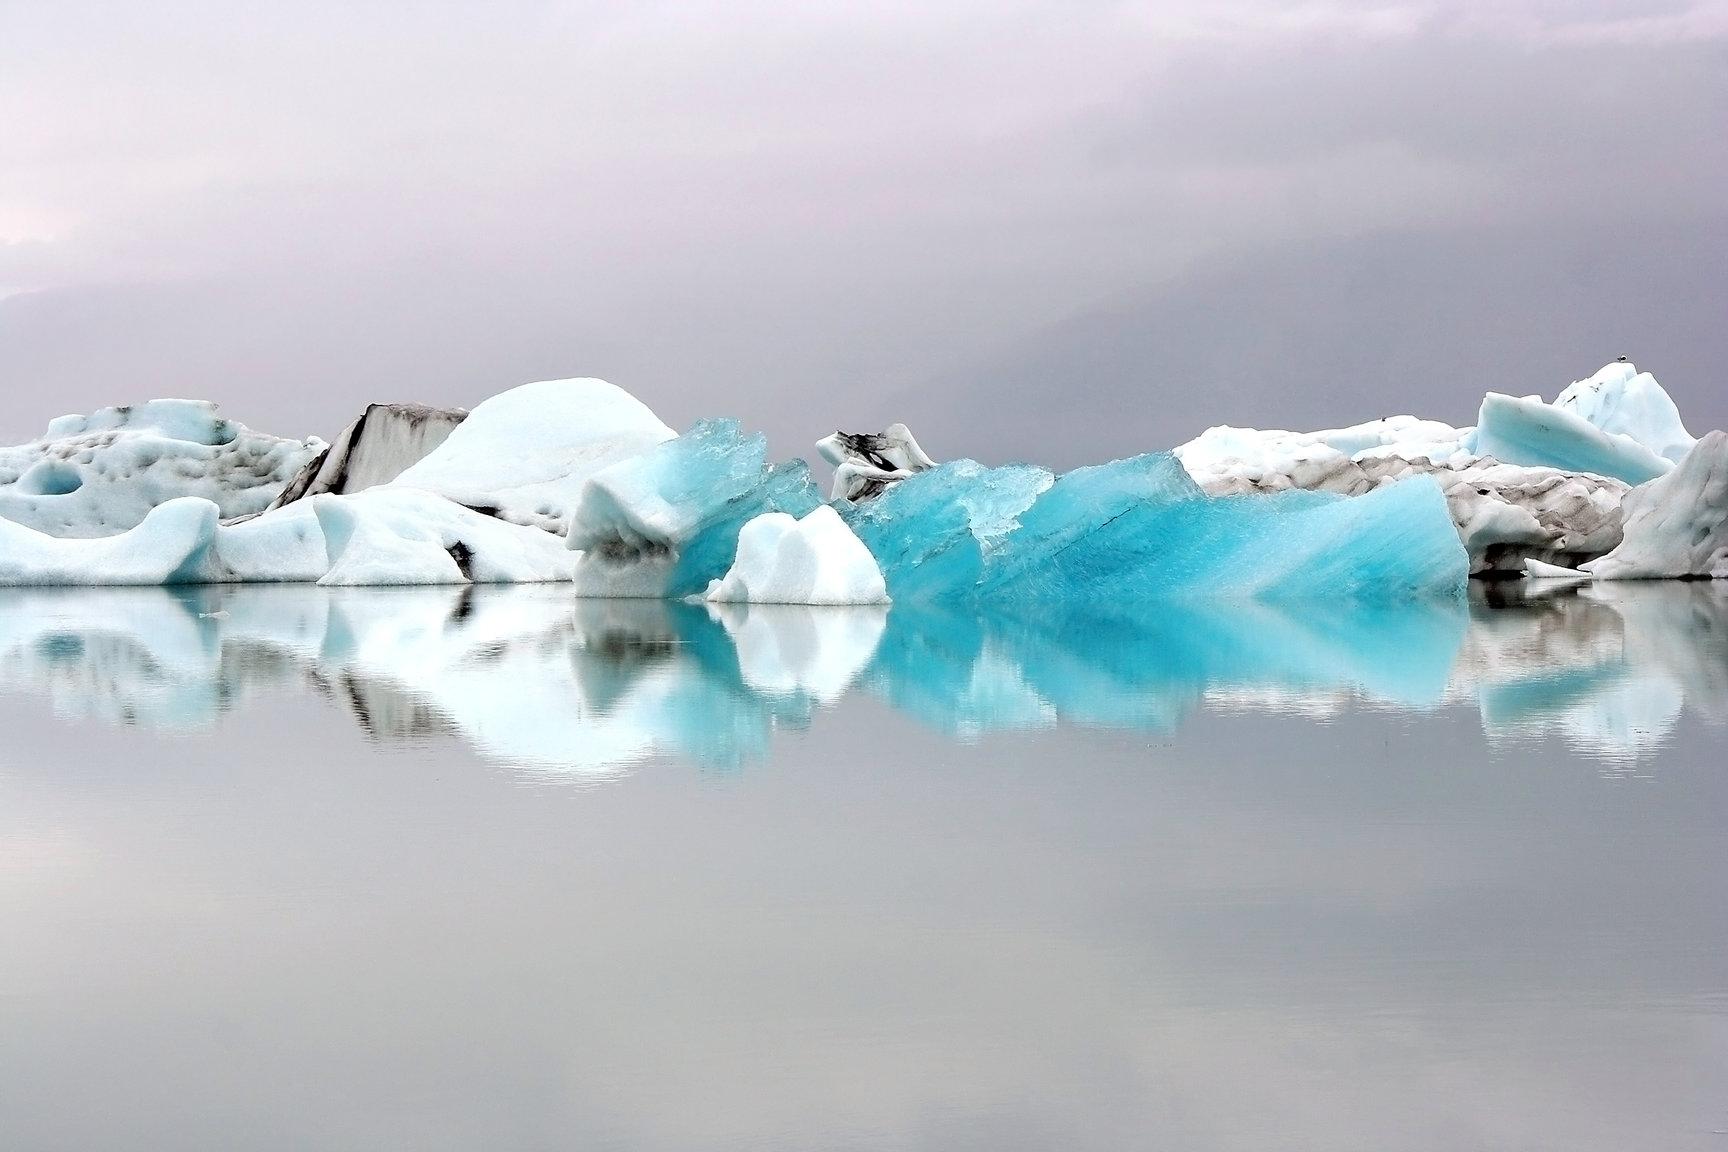 3-дневный тур в Йокульсарлон | Лодочная экскурсия, южное побережье и восхождение на ледник - day 3